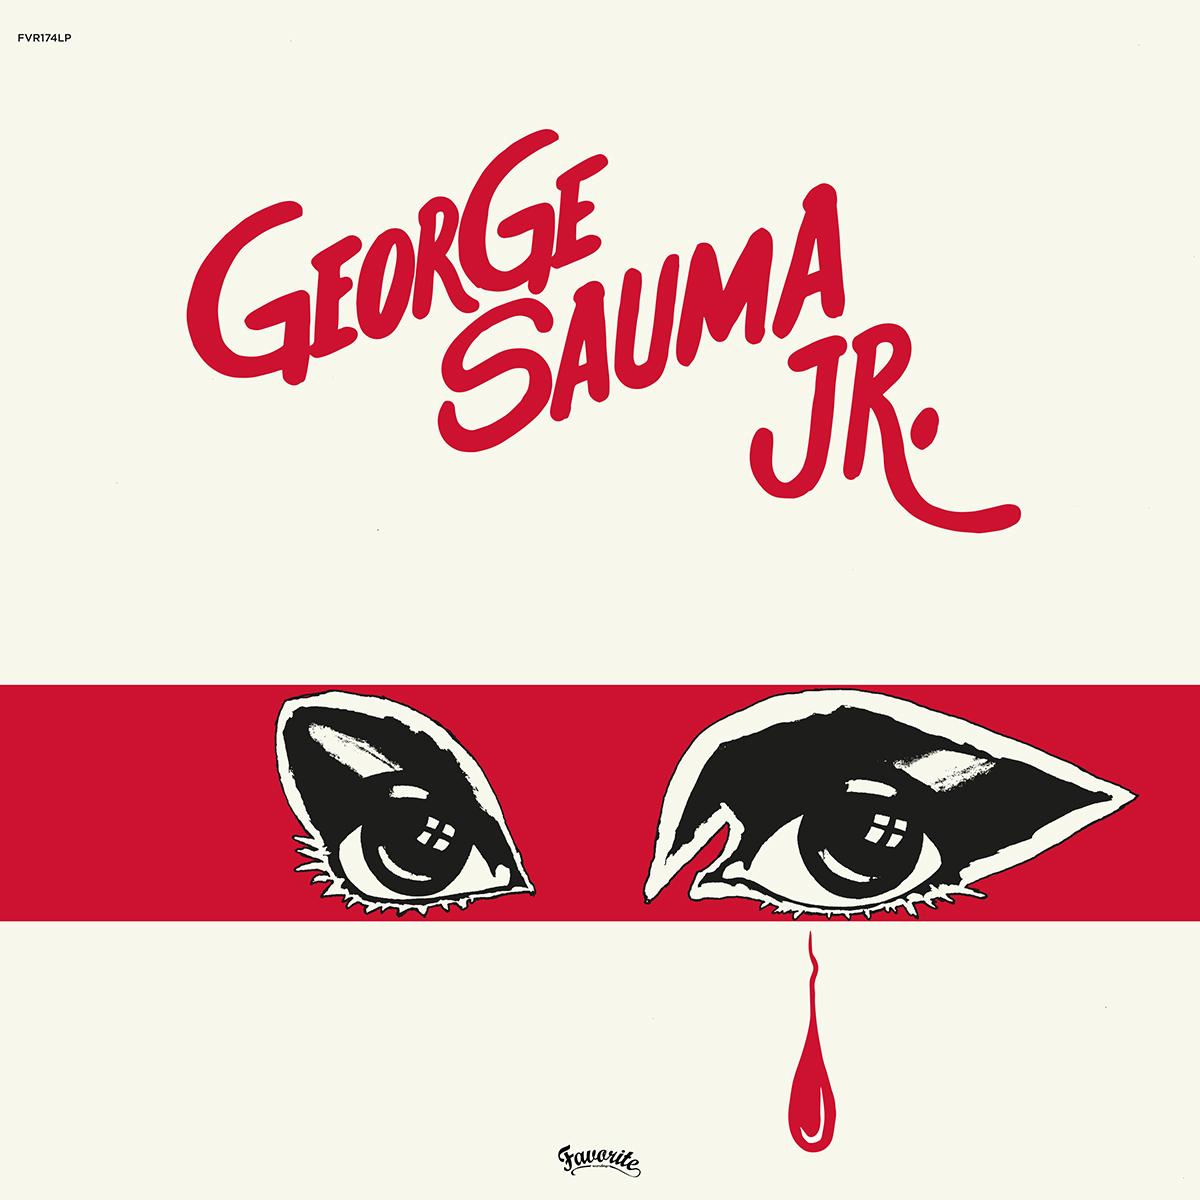 George-Sauma-Jr